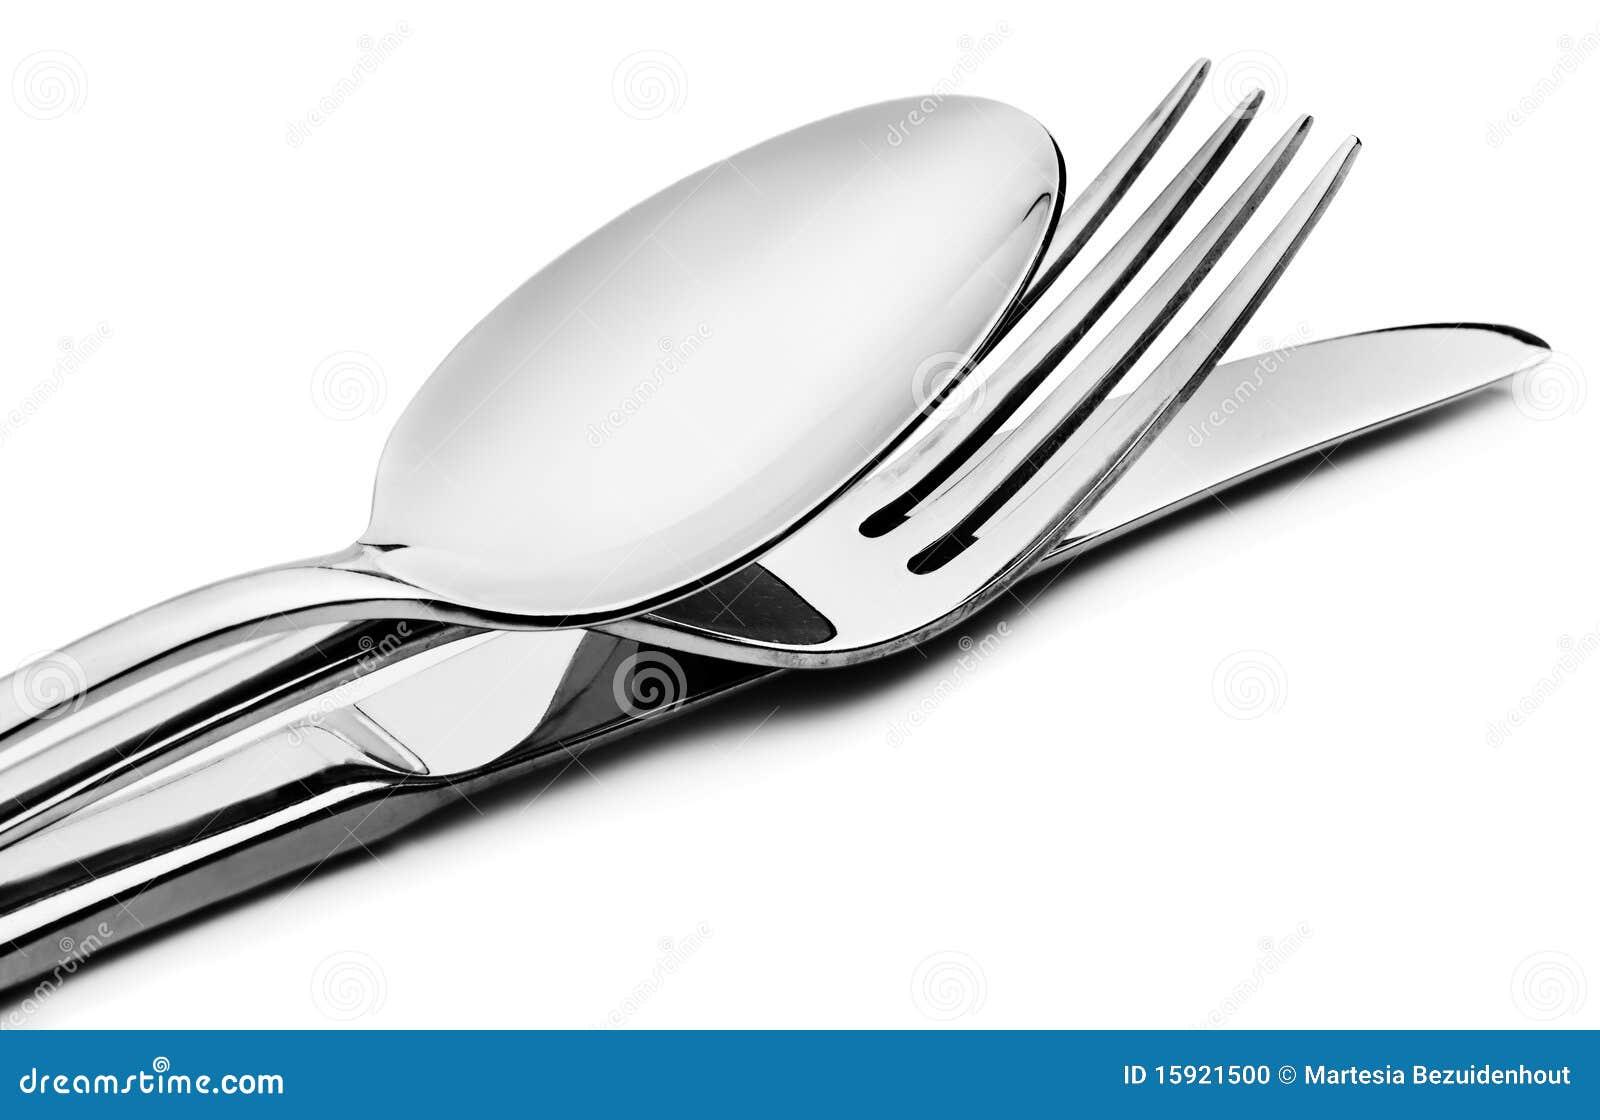 Cutlery rozwidlenia noża łyżka